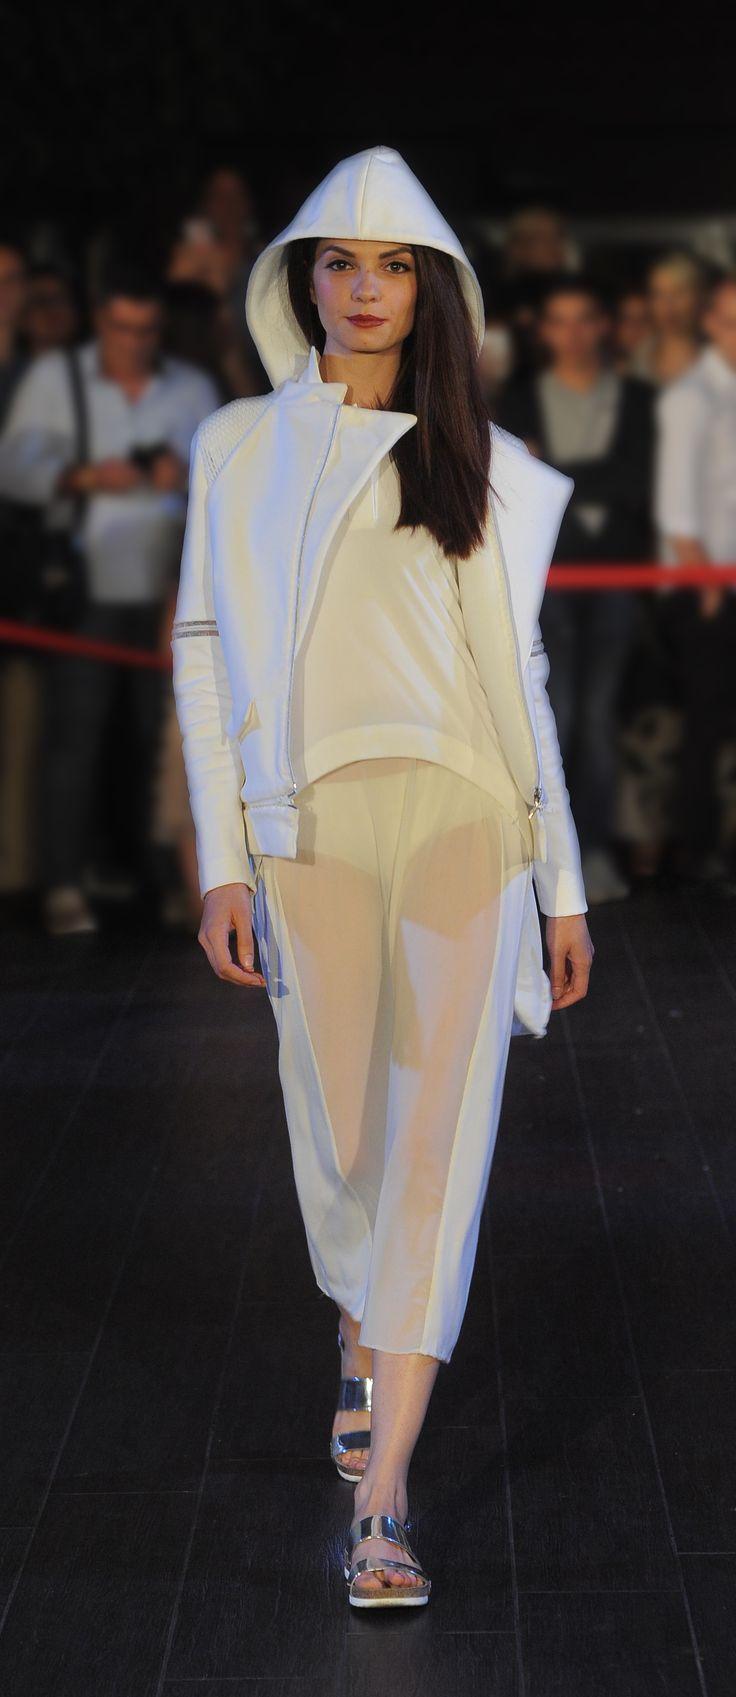 FASHION SHOW 2015 Istituto di Moda Burgo - INDONESIA www.imb.it  Abito realizzato da Josephine Wangge, Stilista di Moda Creation of Josephine Wangge, Fashion Stylist